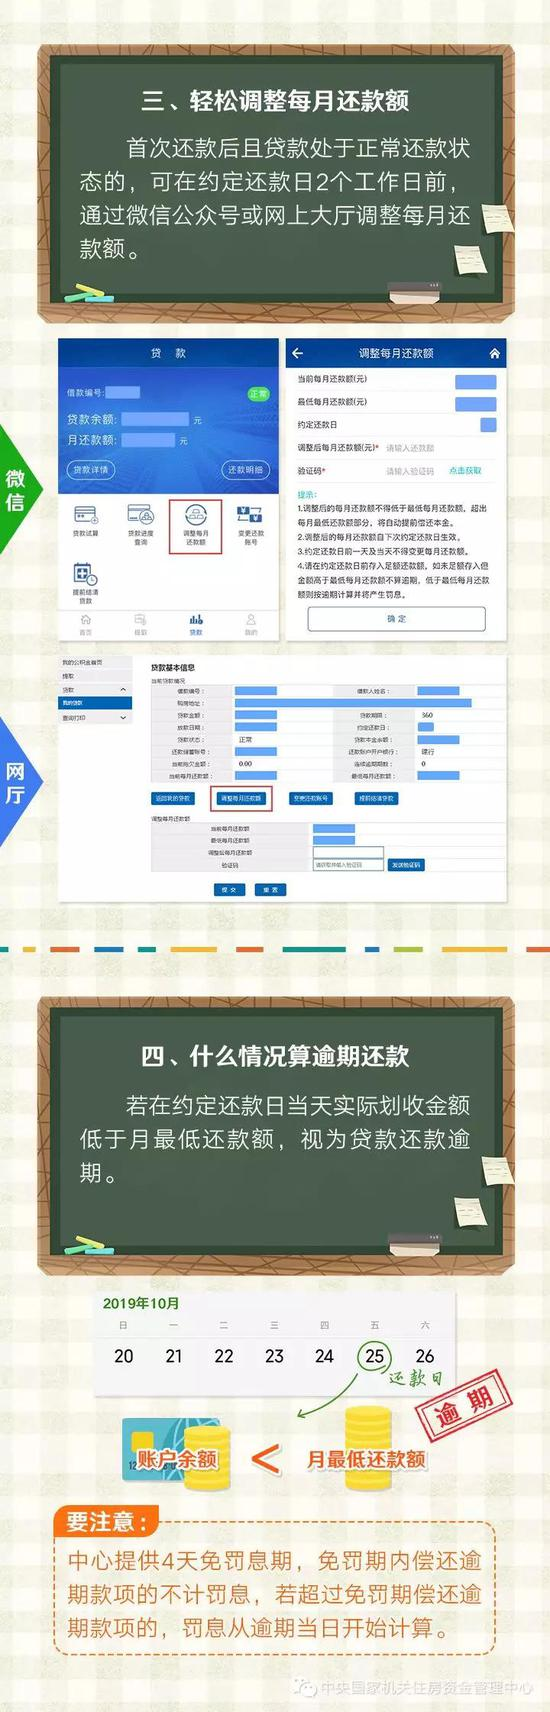 亿鼎博娱乐官网合法吗-万人王19278期福彩3D分析:本期两胆参考45